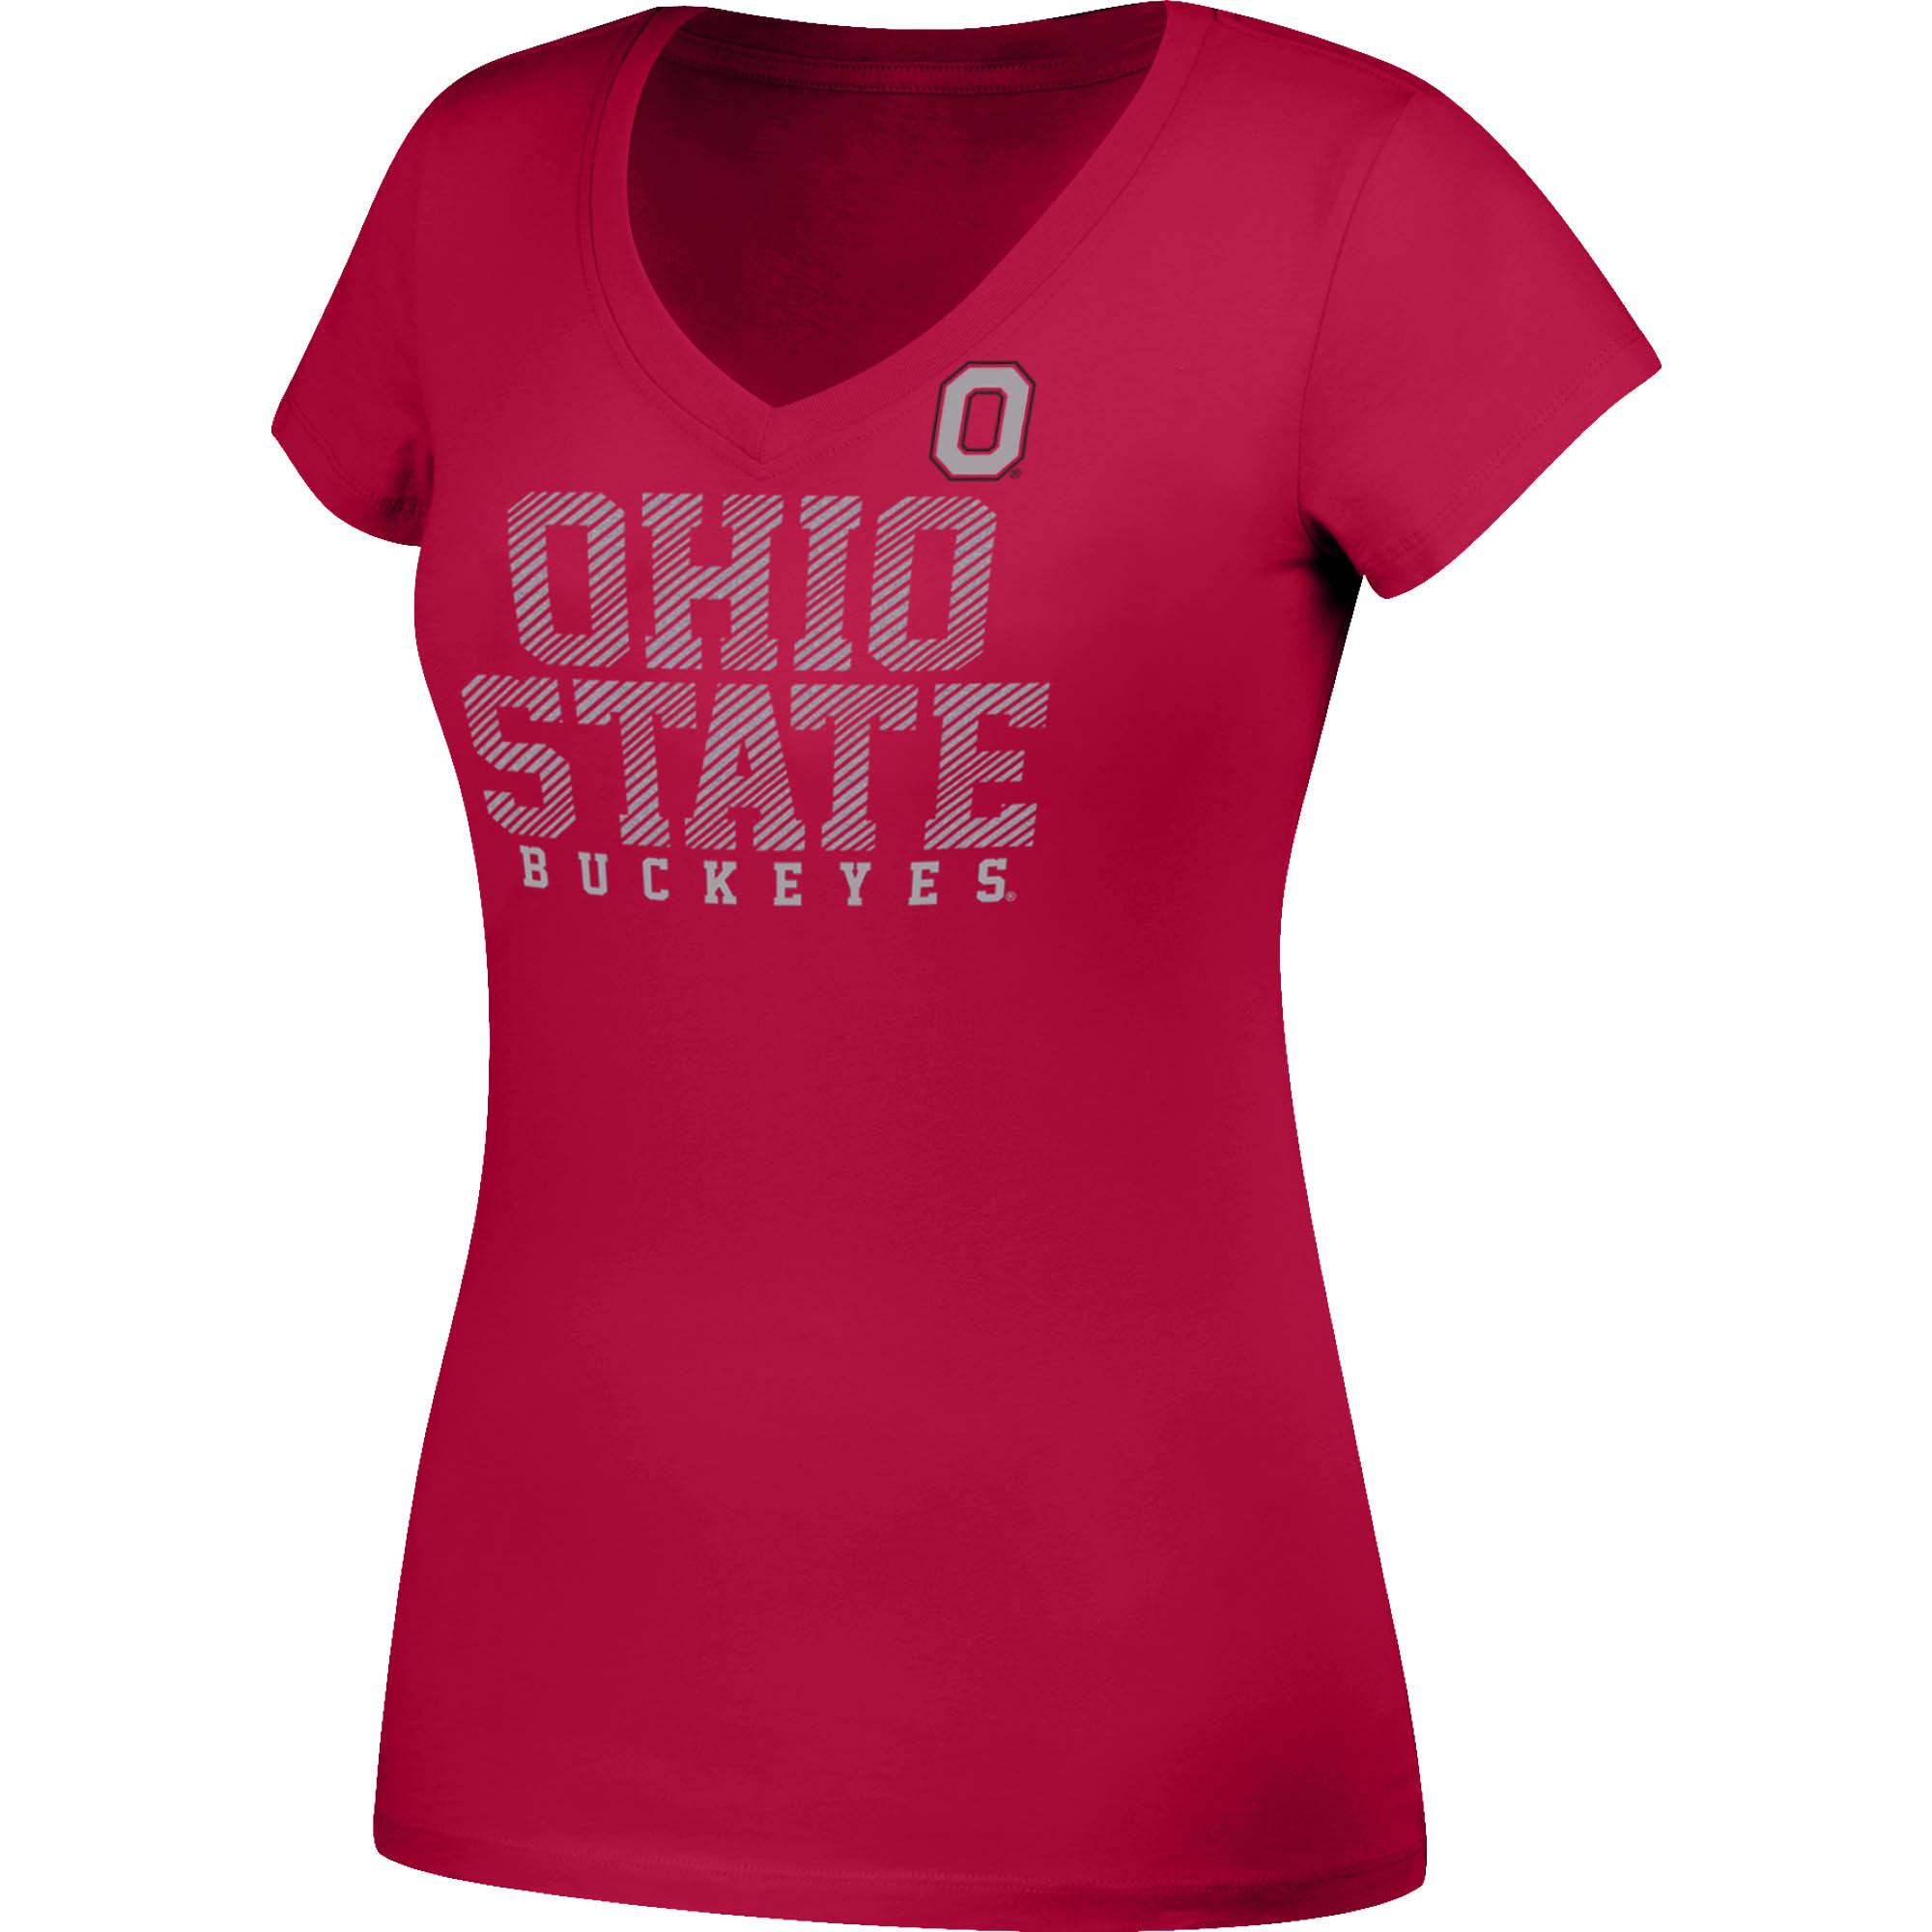 Women's Scarlet Ohio State Buckeyes Glitter V-Neck T-Shirt